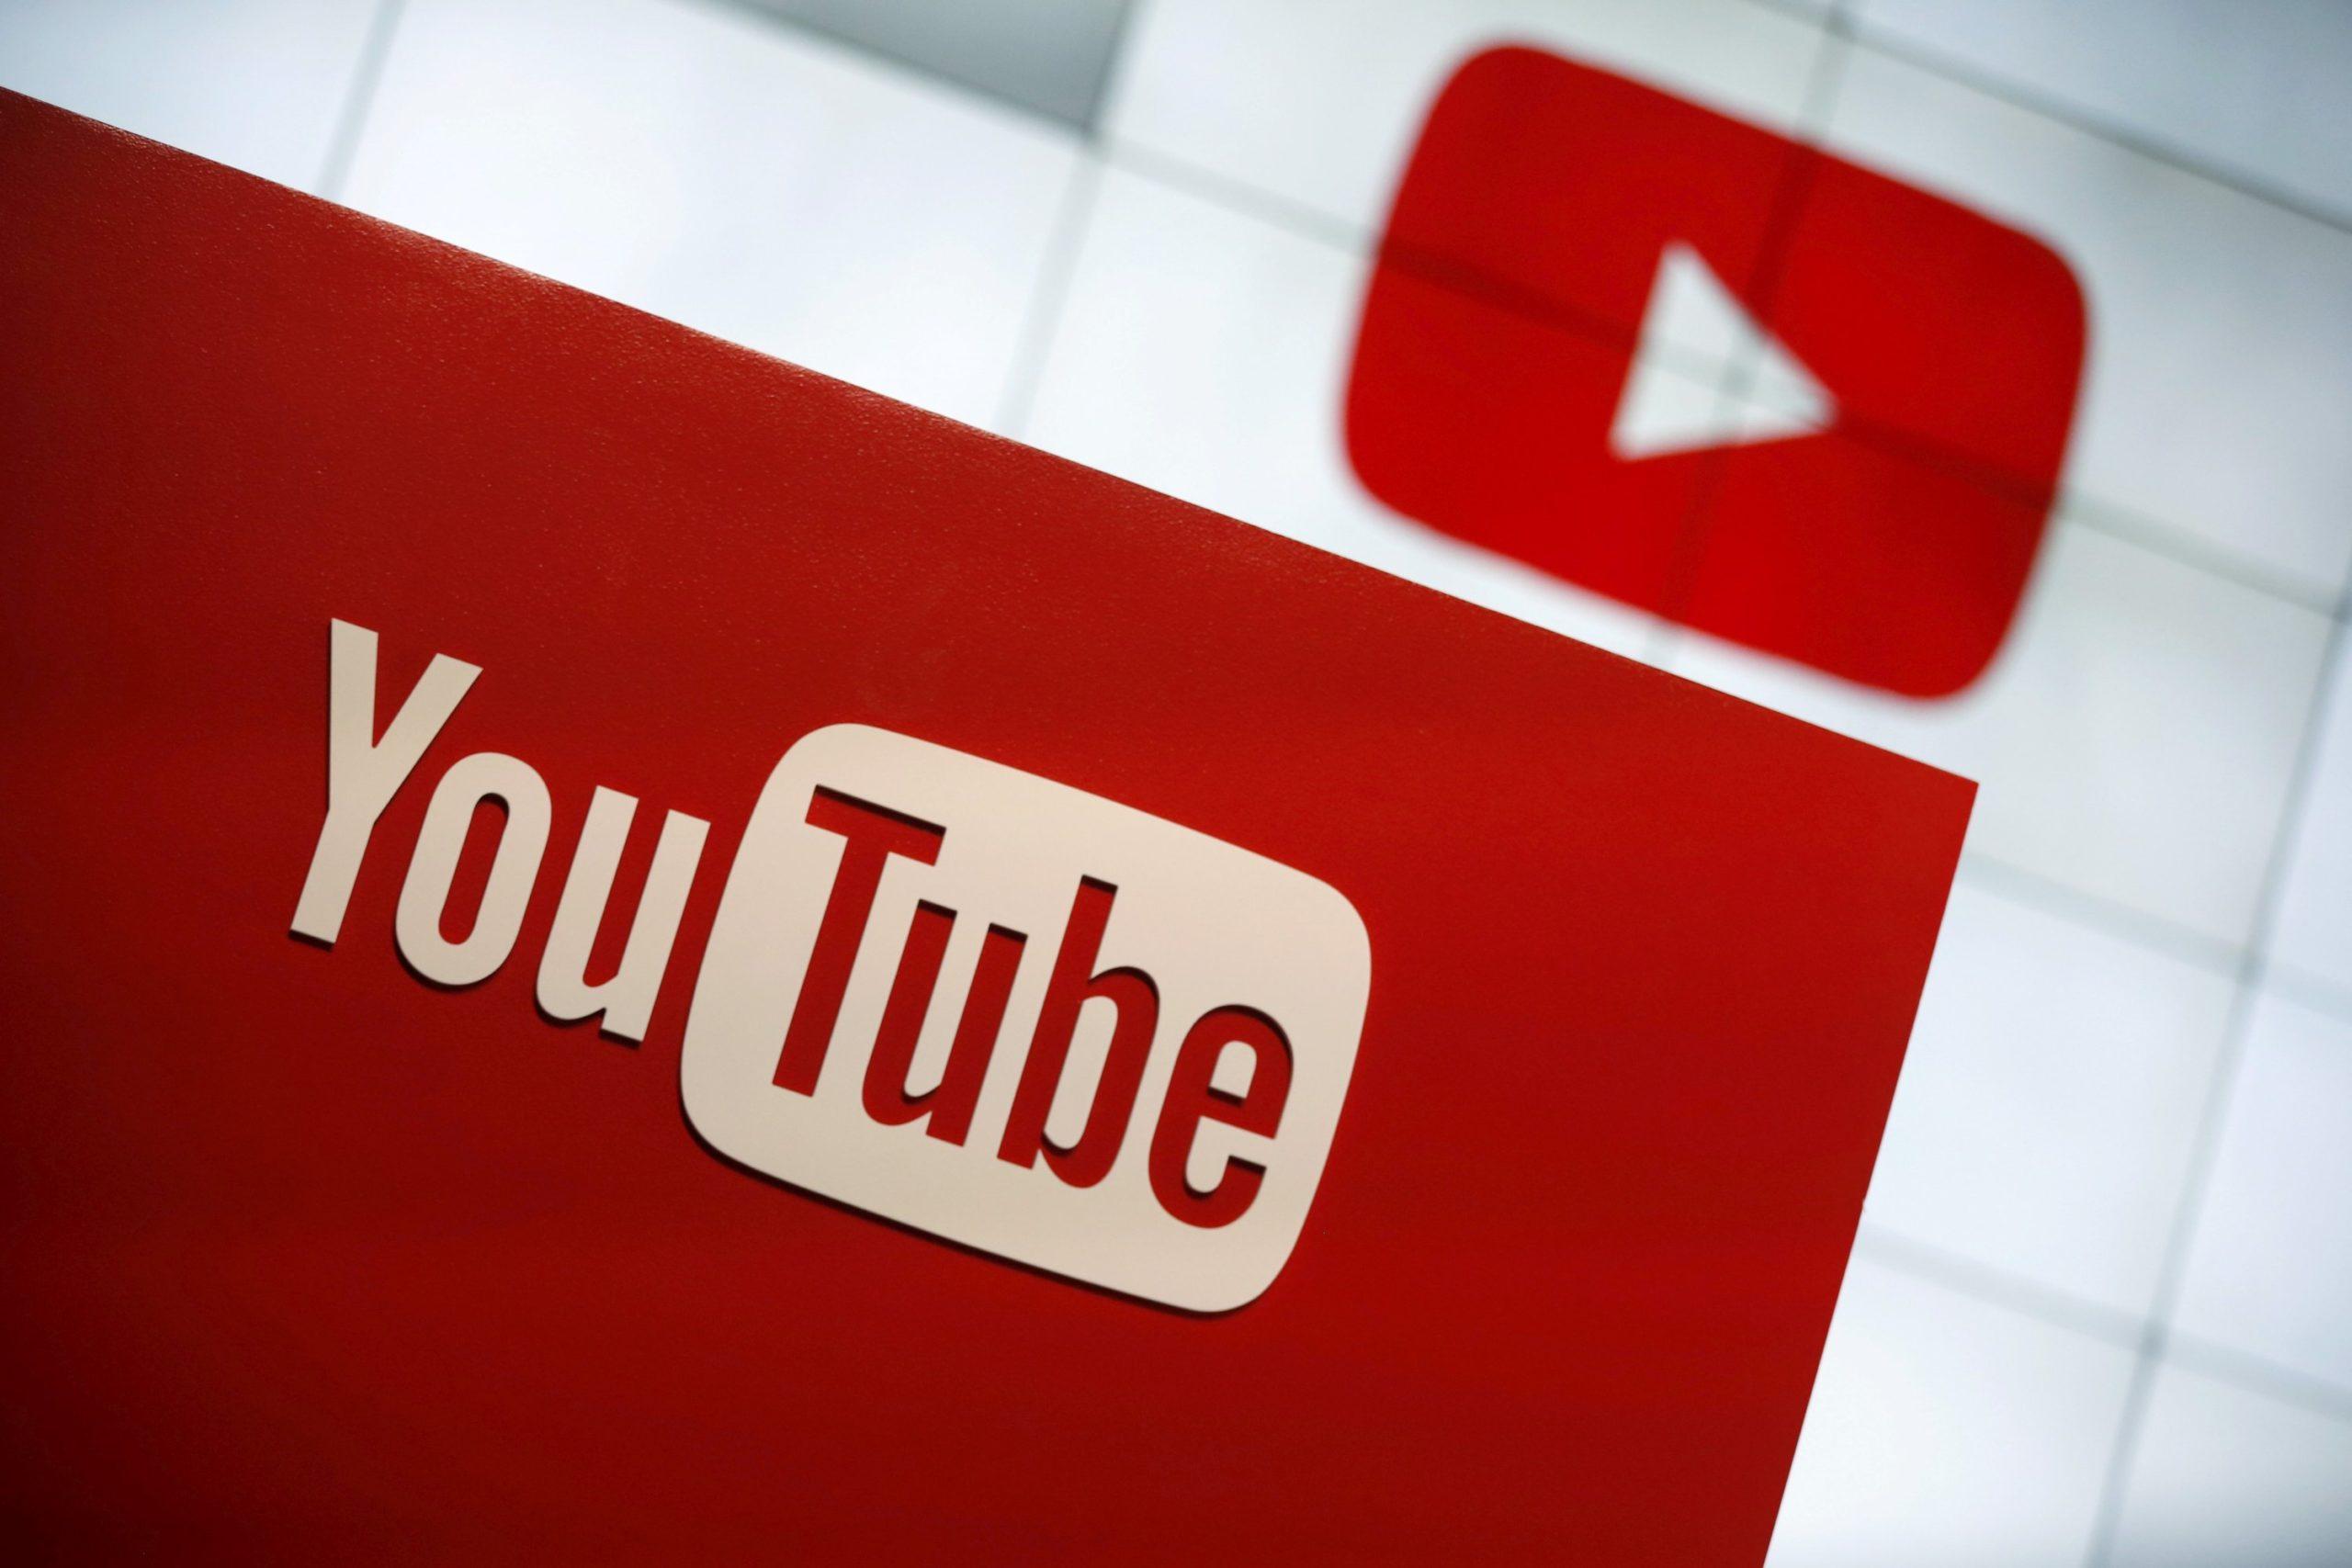 YouTube n'est pas responsable des violations de droits d'auteur de ses utilisateurs